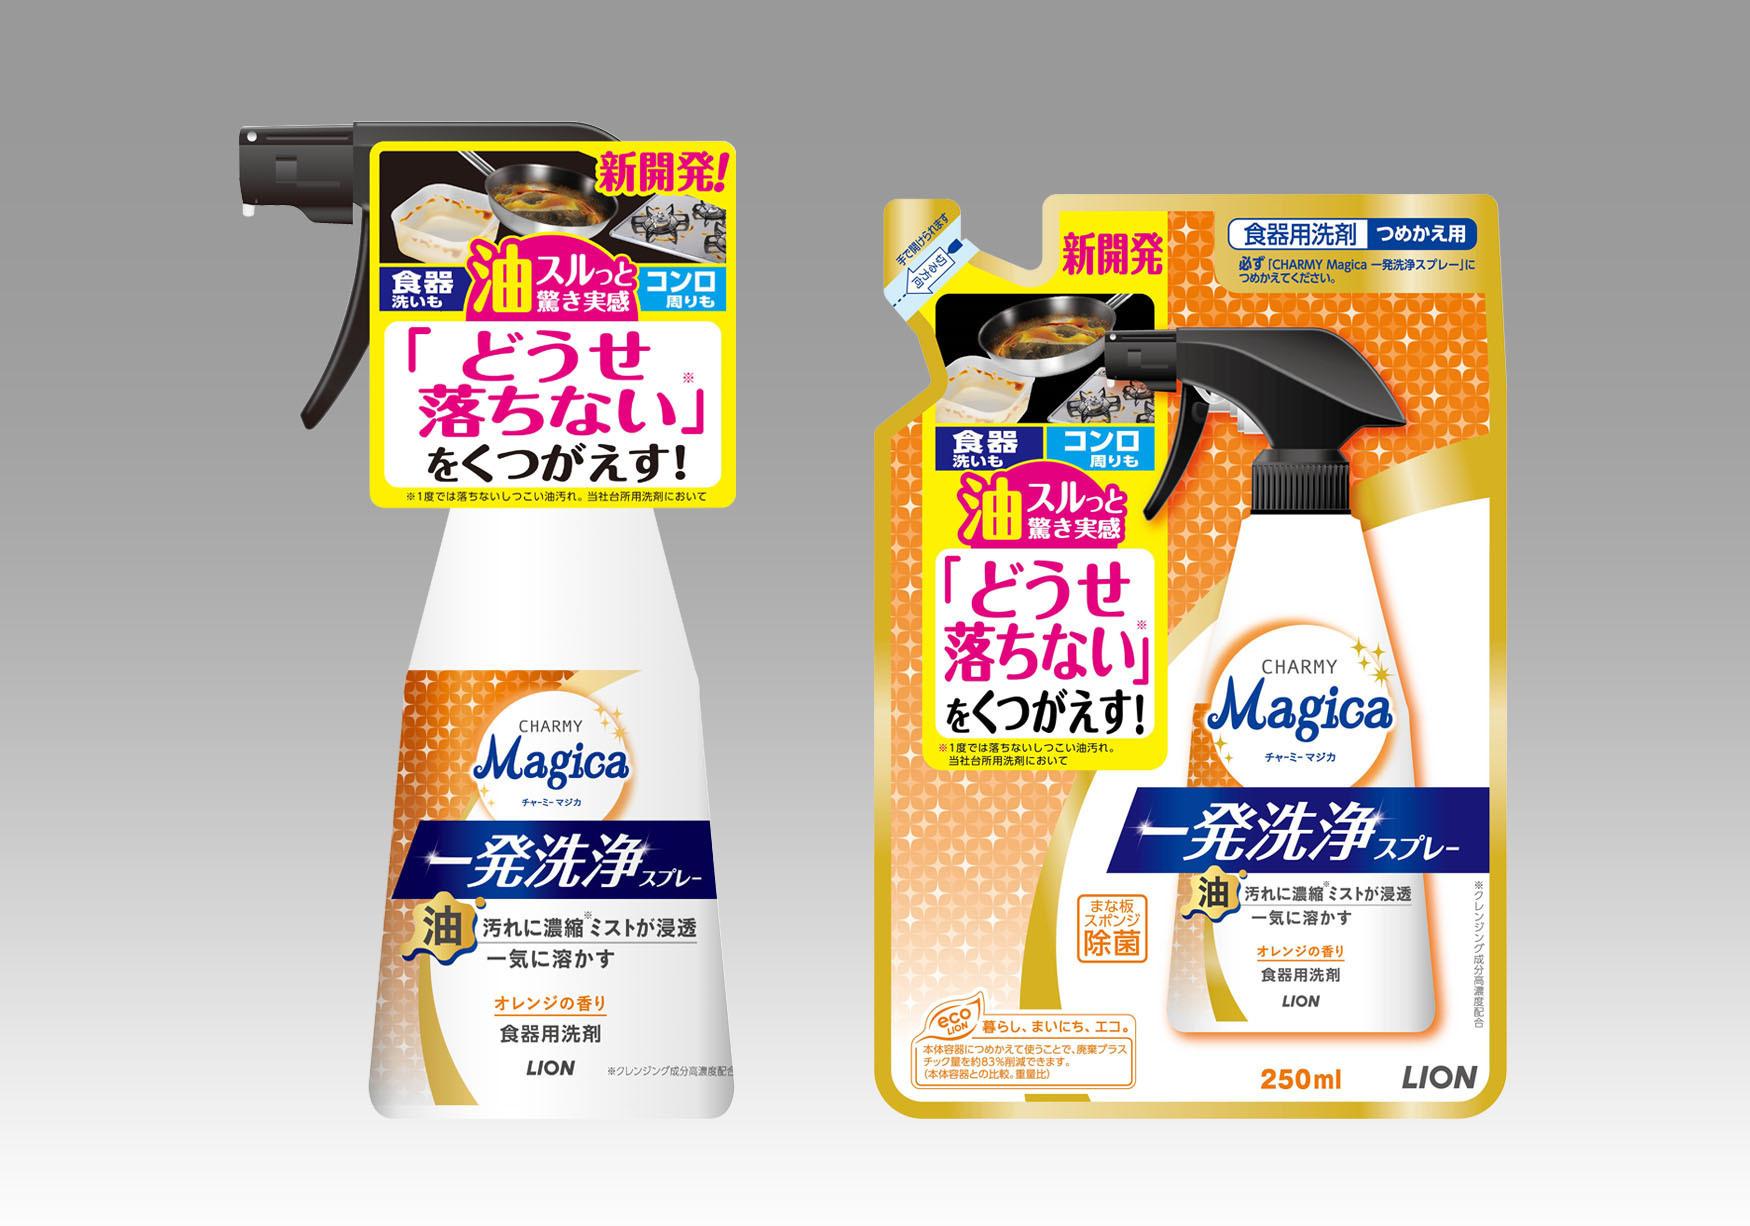 CHARMY Magica 一発洗浄スプレー オレンジの香り.jpeg